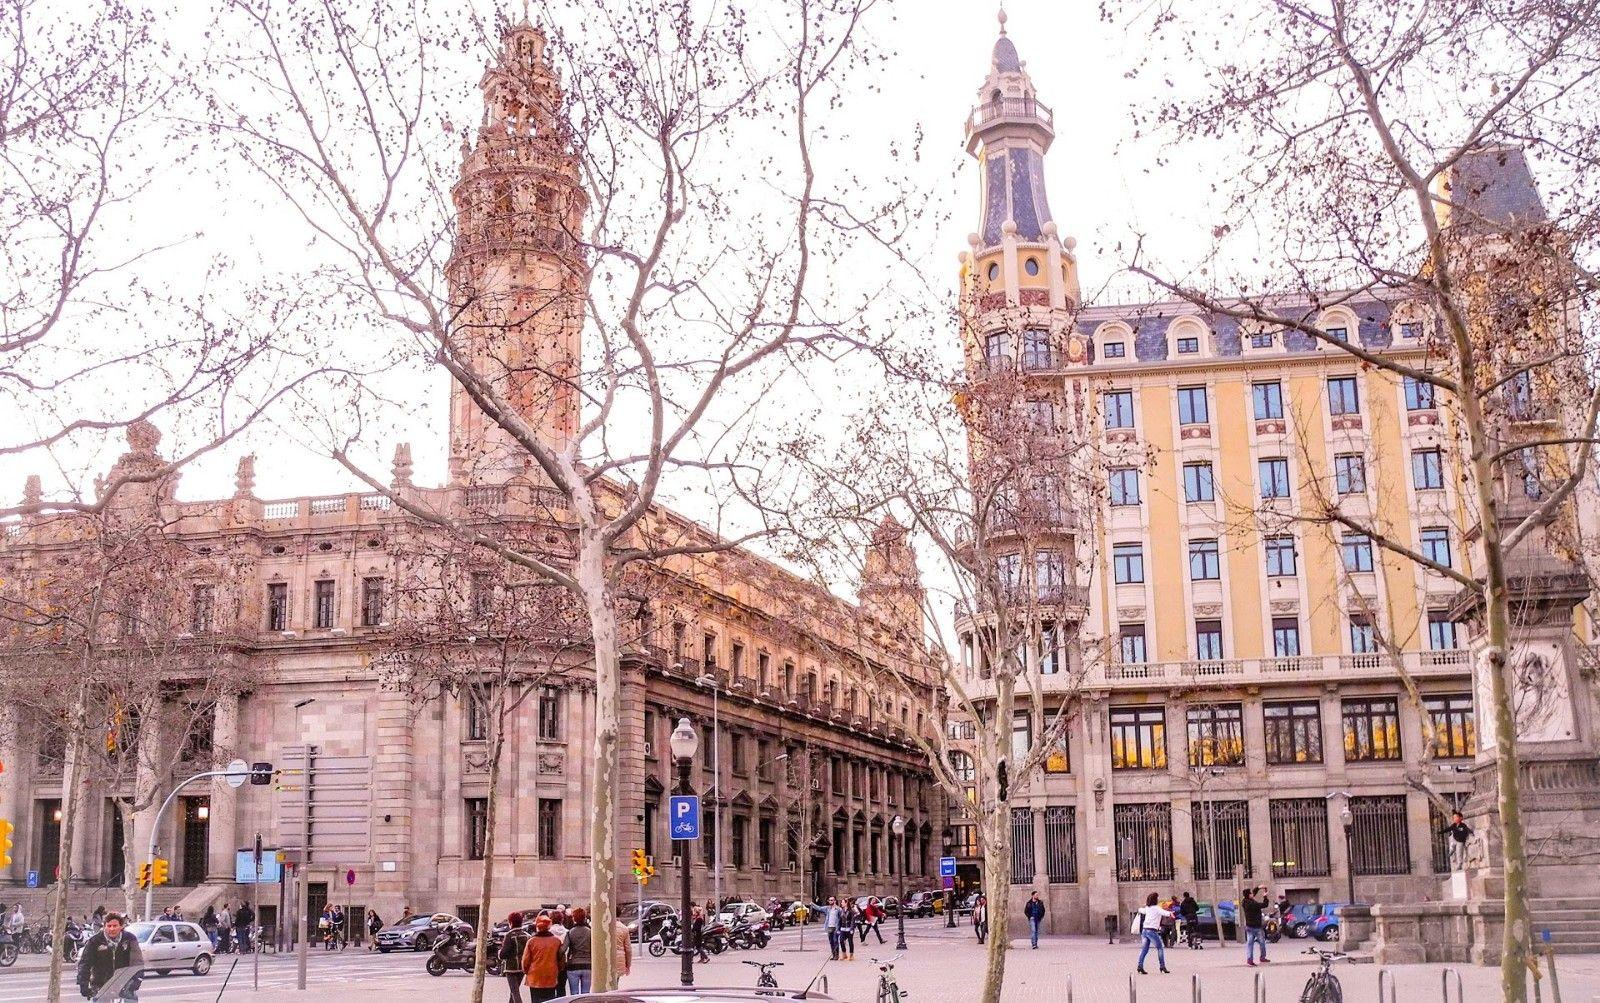 Prekrasnye Vesennie Ulicy Barselony Beautiful Spring Streets Of Barcelona Barcelona Architecture Arhitektura Ulica Ulica Barselona Puteshestviya